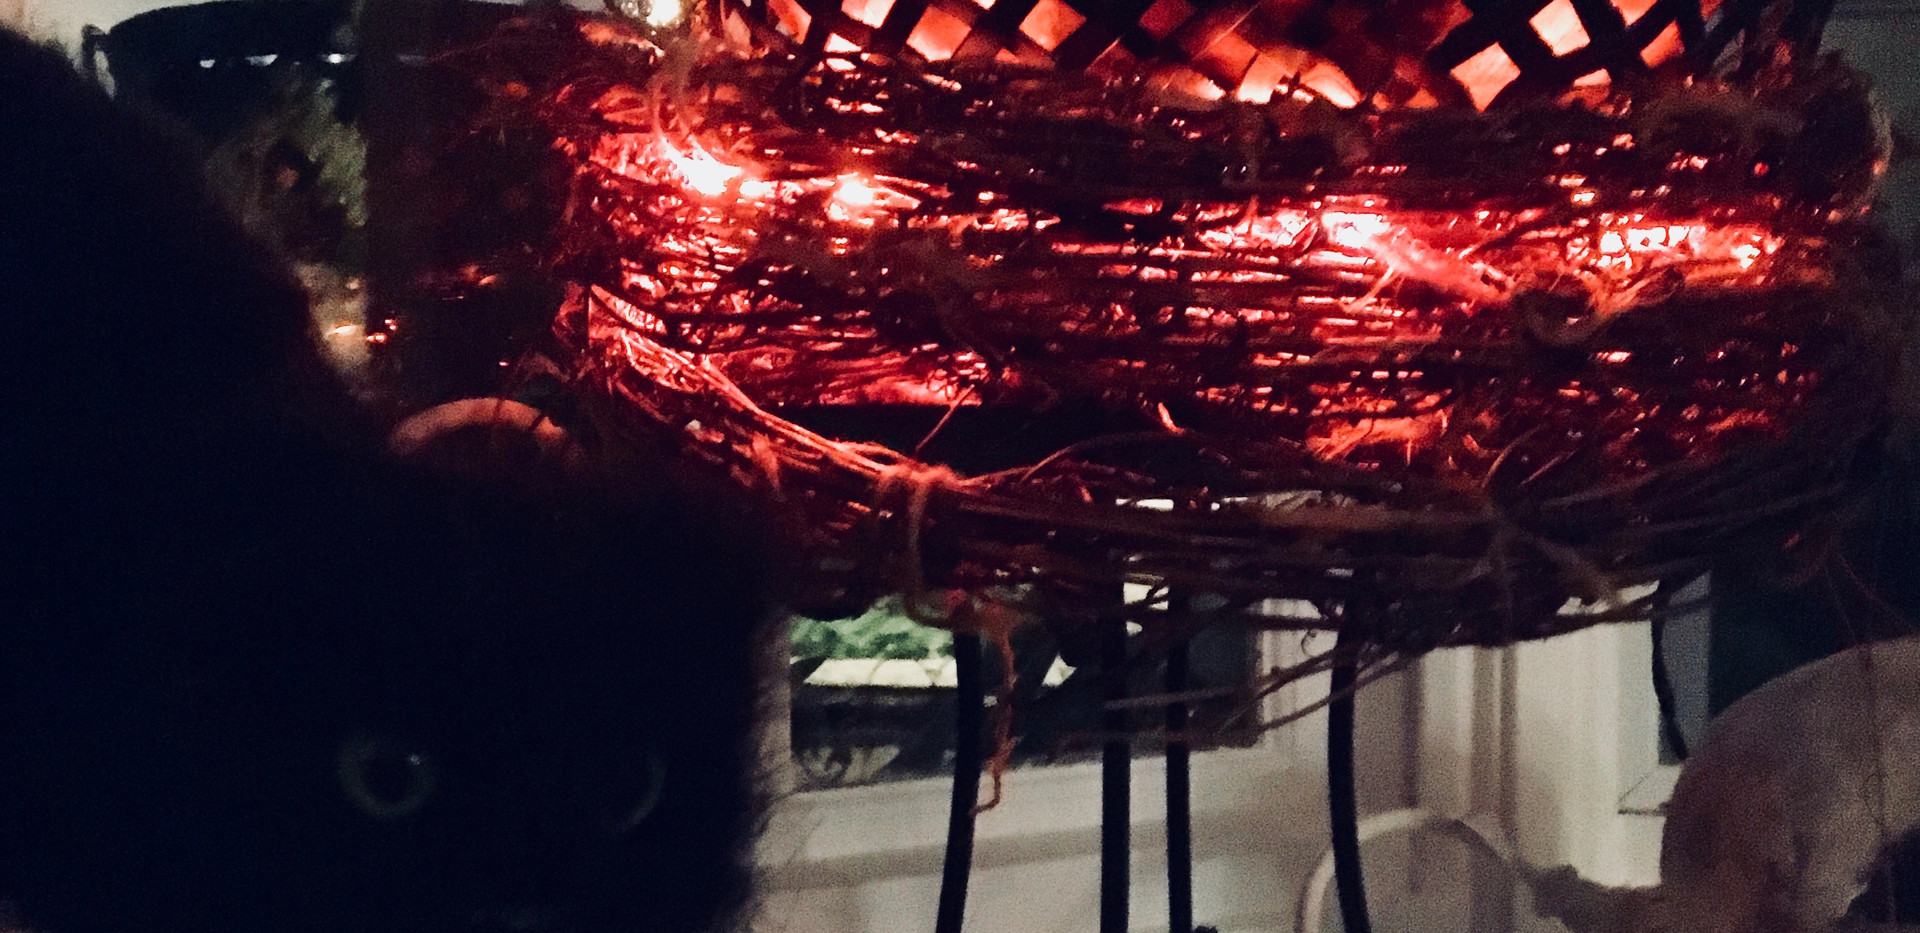 Indoor Cauldron